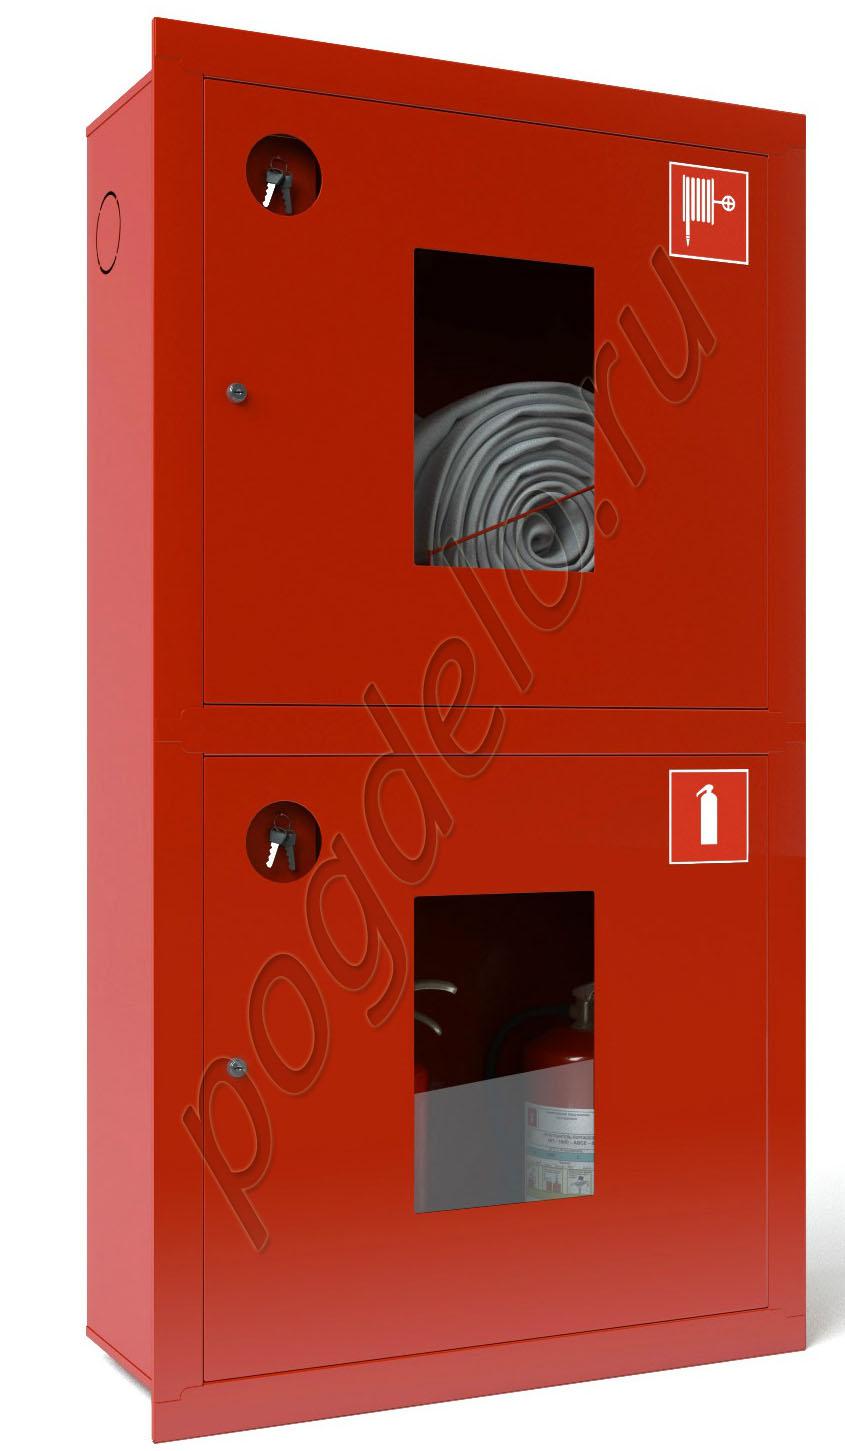 shkaf-dlja-pogkrana-zakr-shpk-320b-12-28 Шкаф пожарный ШПК-320-12 В .  Шкафы для пожарного крана (рукава) металлические, встроенные, навесные: цены, каталог - интернет-магазин «Техарсенал»